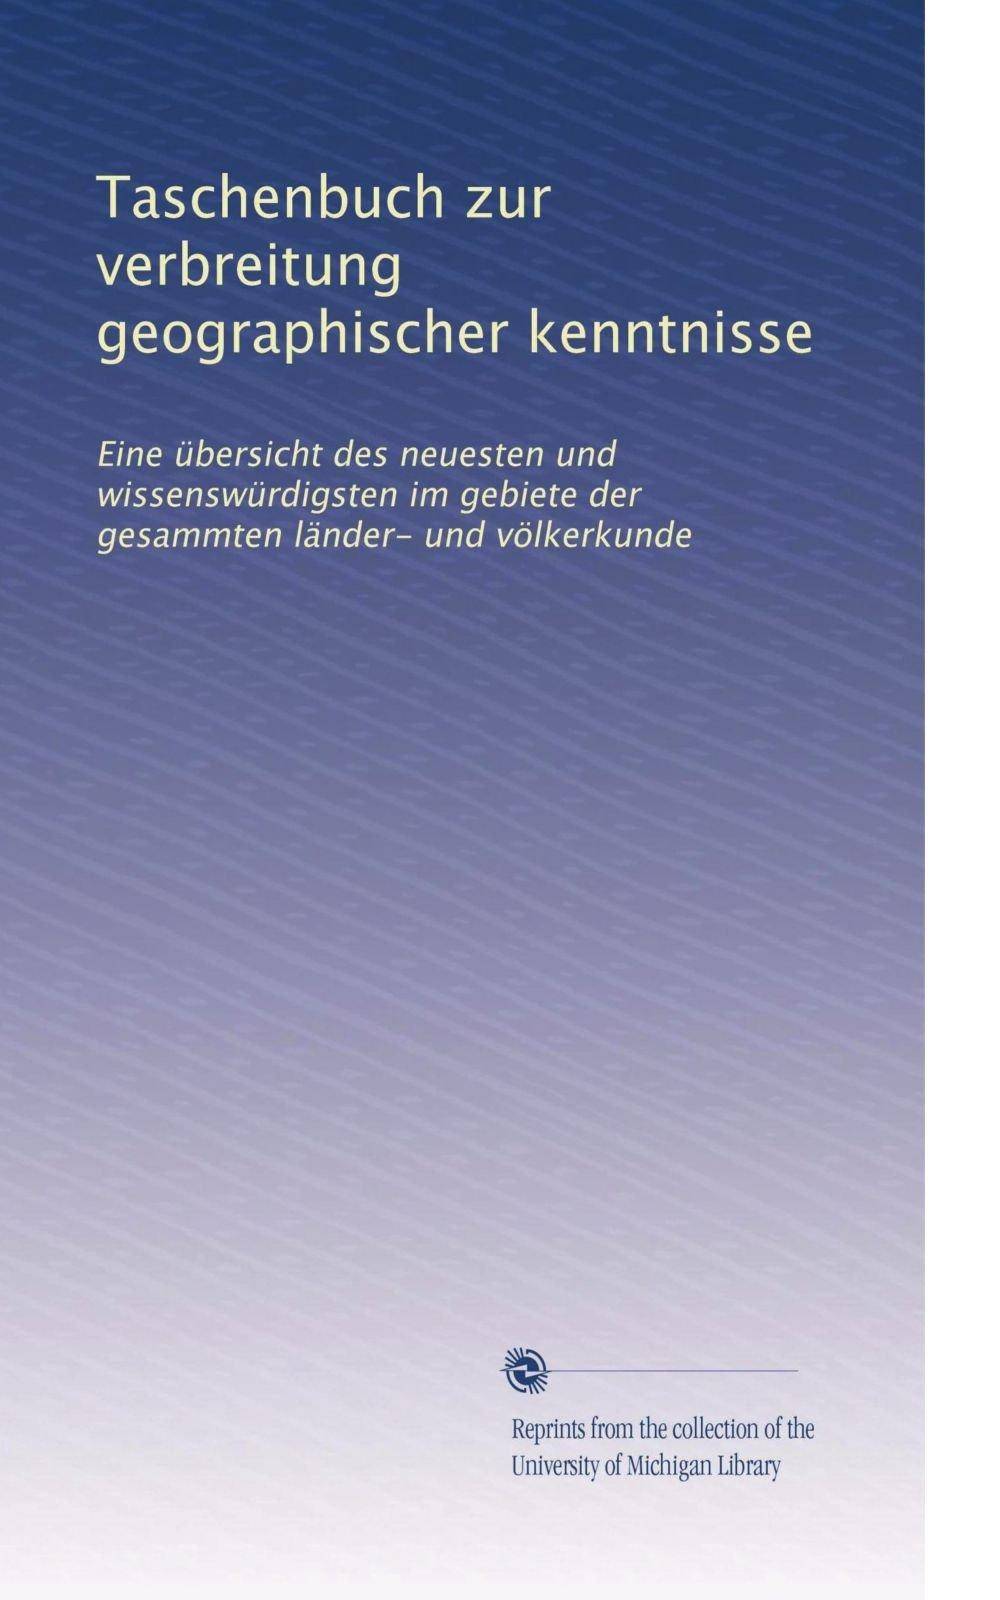 Taschenbuch zur verbreitung geographischer kenntnisse: Eine übersicht des neuesten und wissenswürdigsten im gebiete der gesammten länder- und völkerkunde (Volume 20) (German Edition) pdf